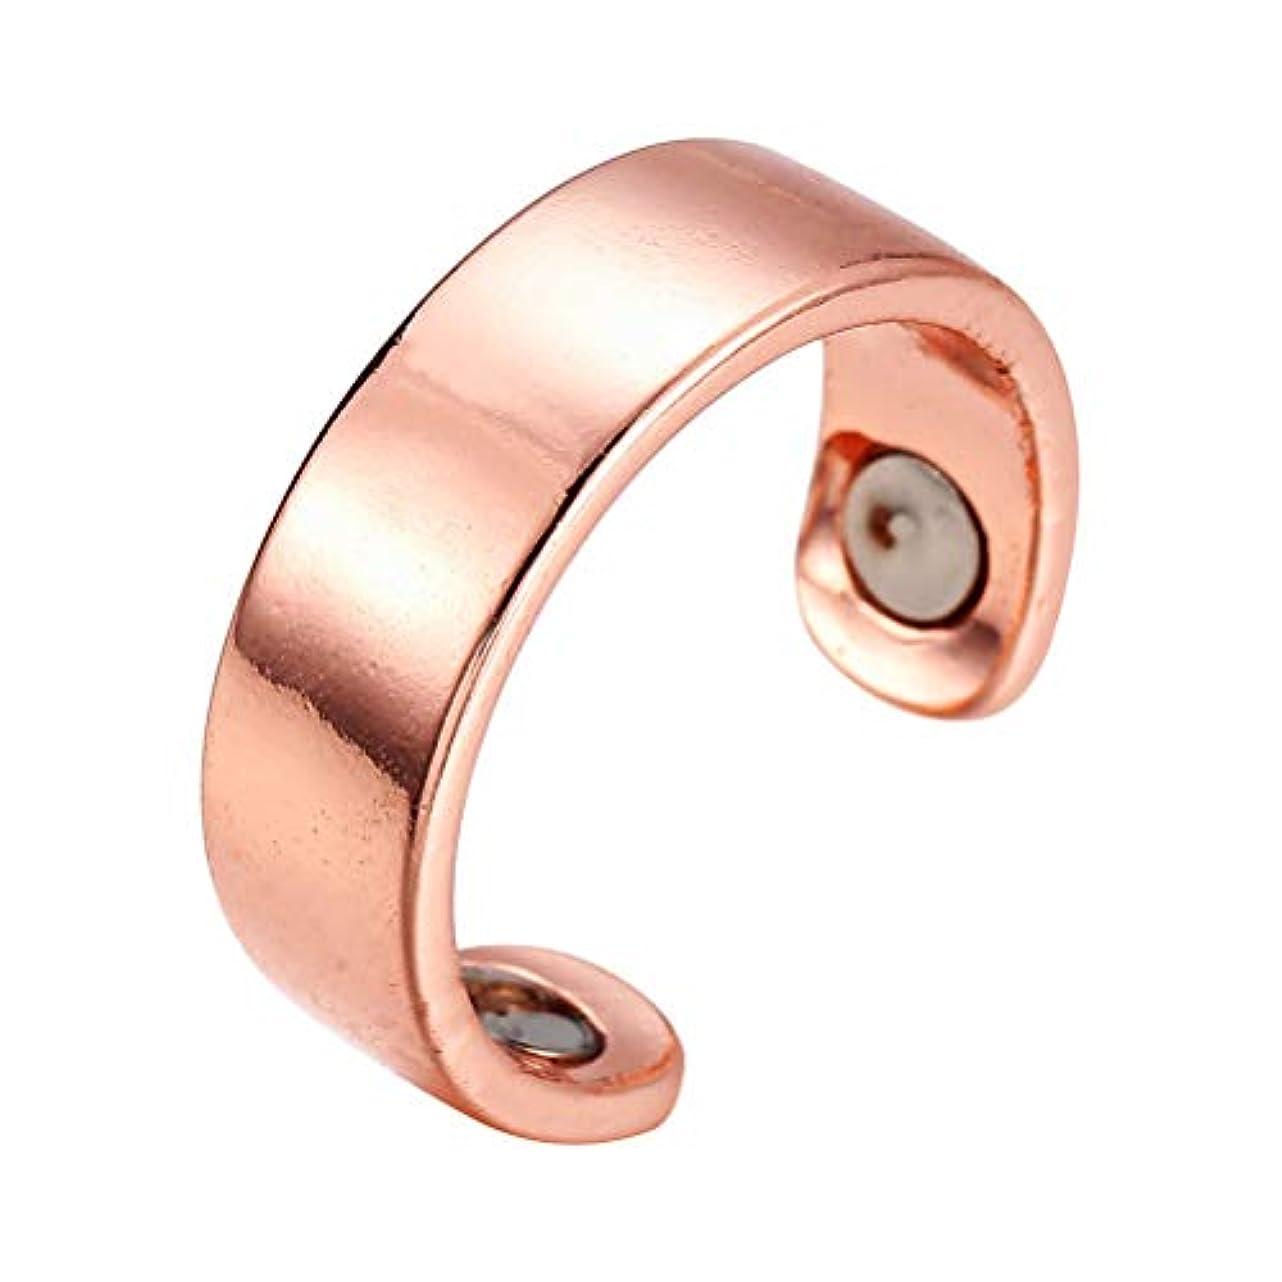 効果的歌うポルノHEALIFTY 指圧マッサージ指輪防止いびきリング息切れ指圧治療ヘルスケア磁気療法健康的な睡眠リング開環(釉、ローズゴールデン)